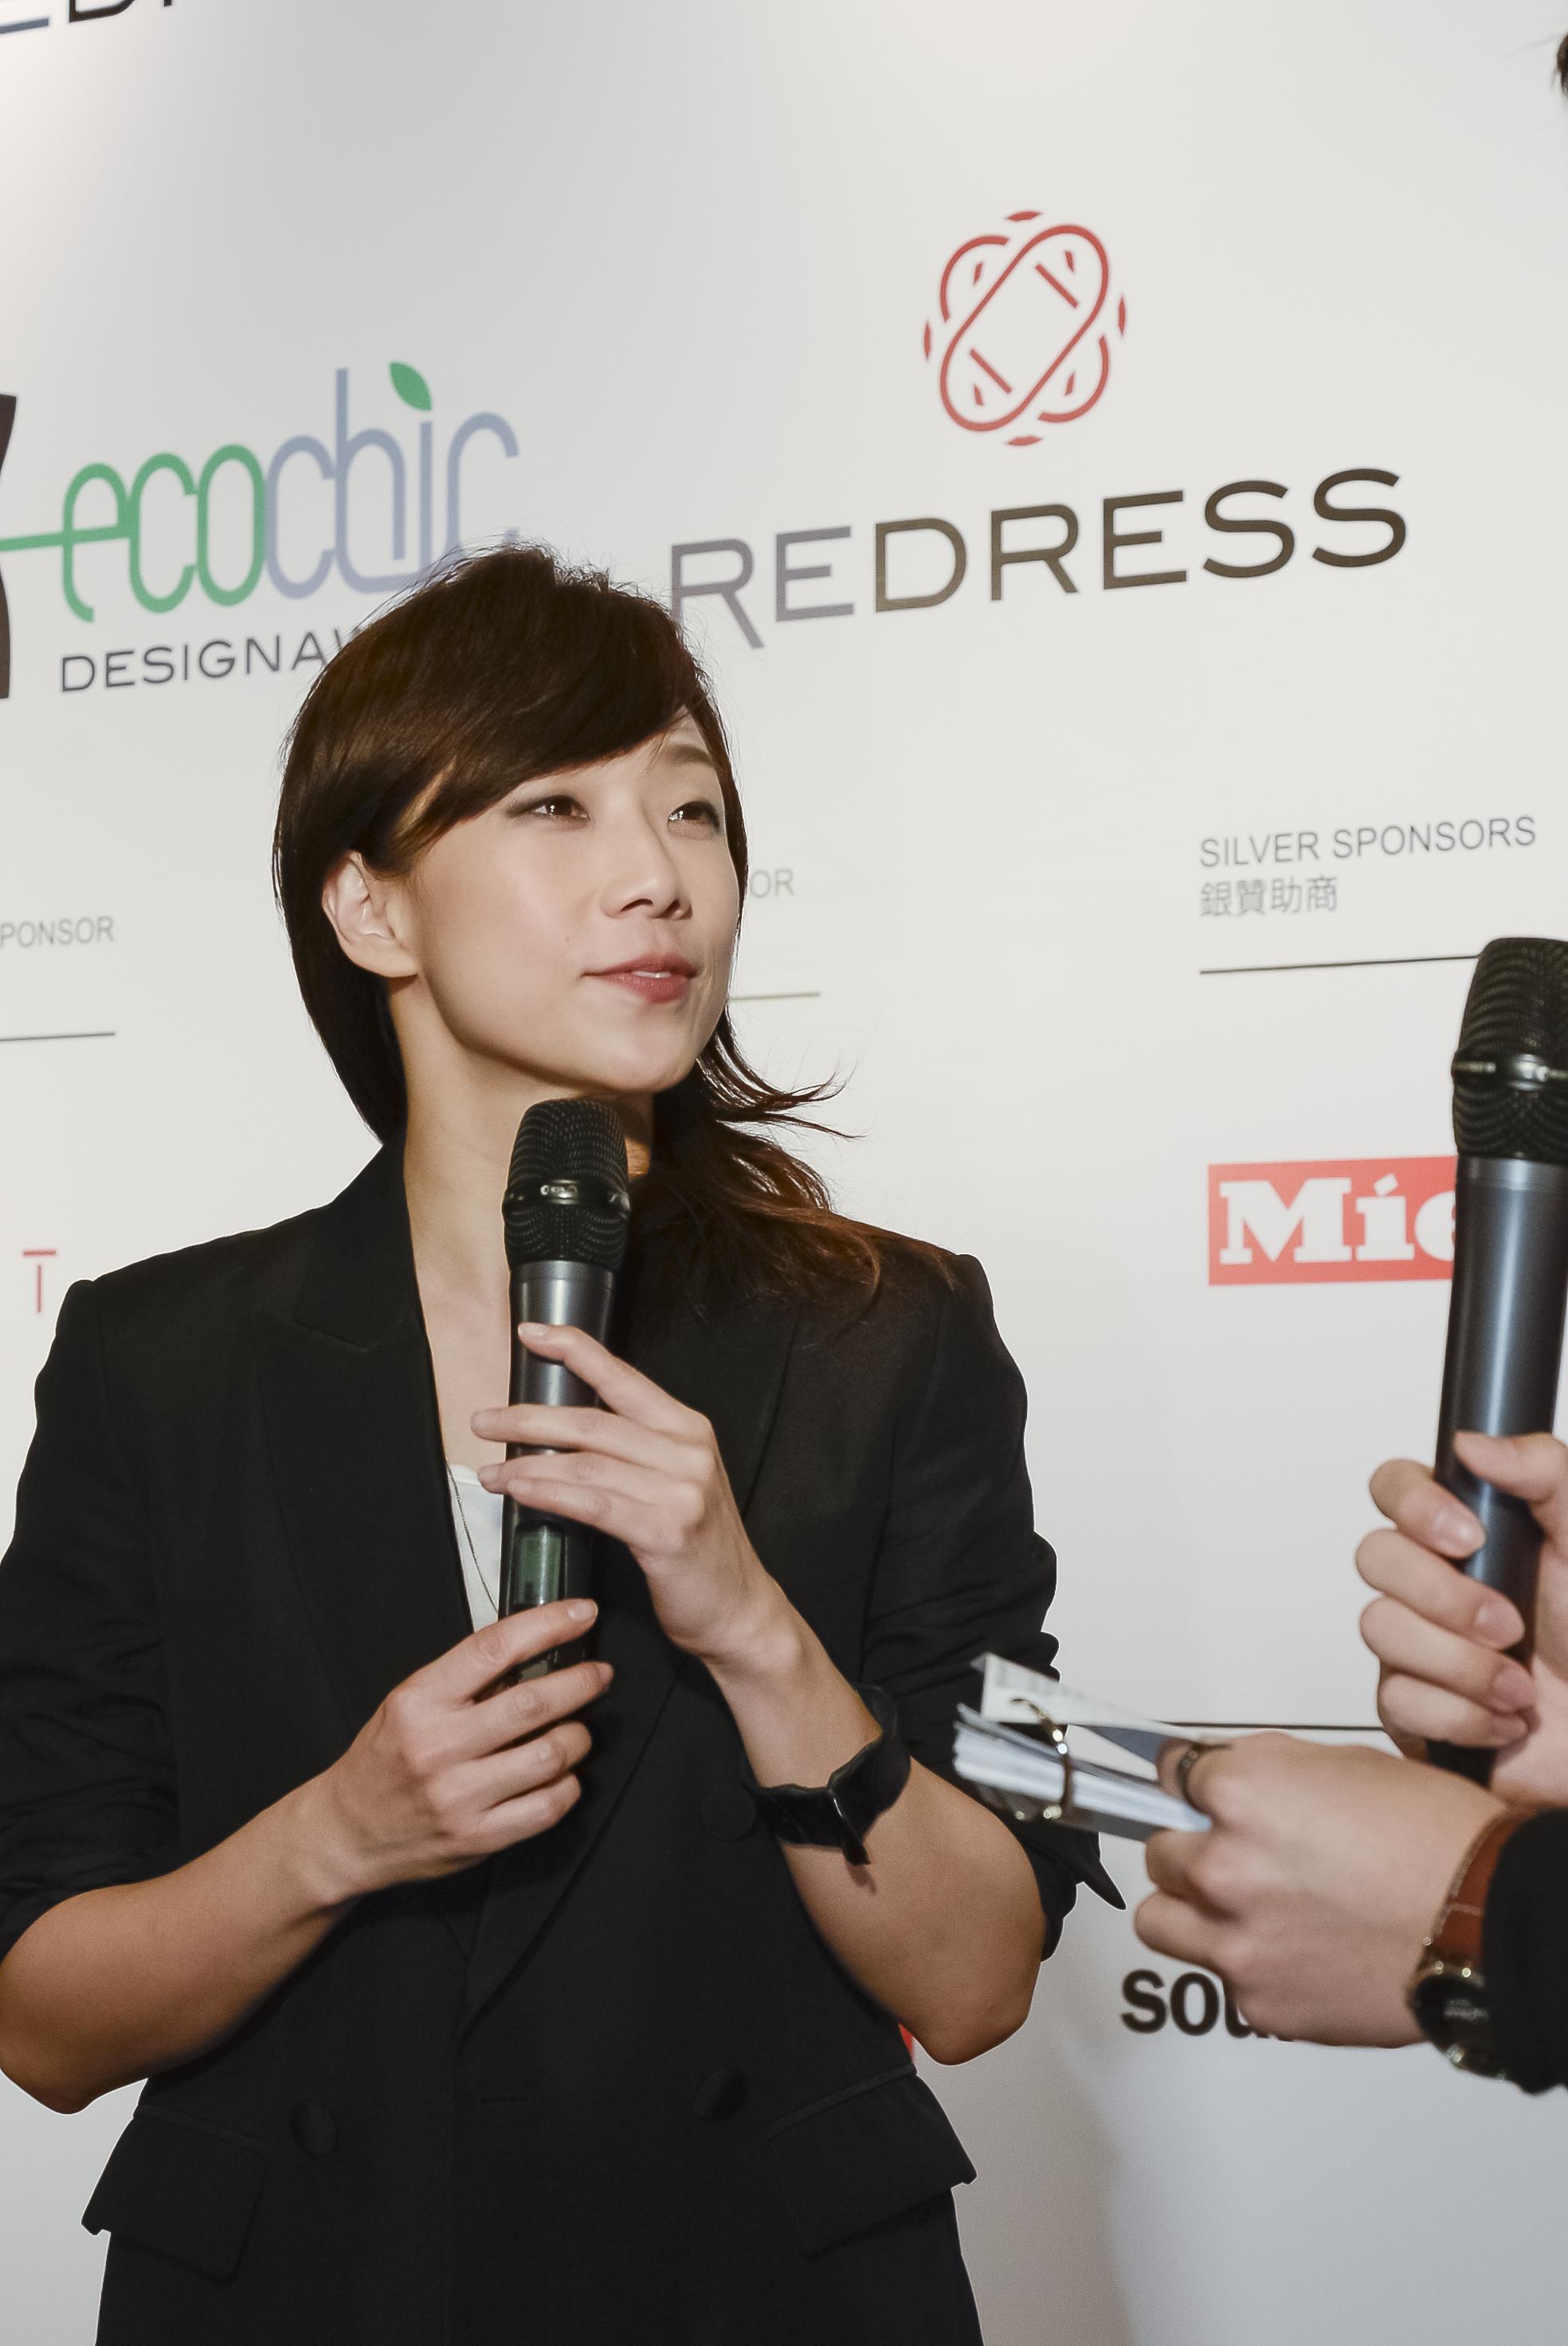 Hong Kong singer Sandy Lam attends the Redress Design Award 2013 Hong Kong launch event